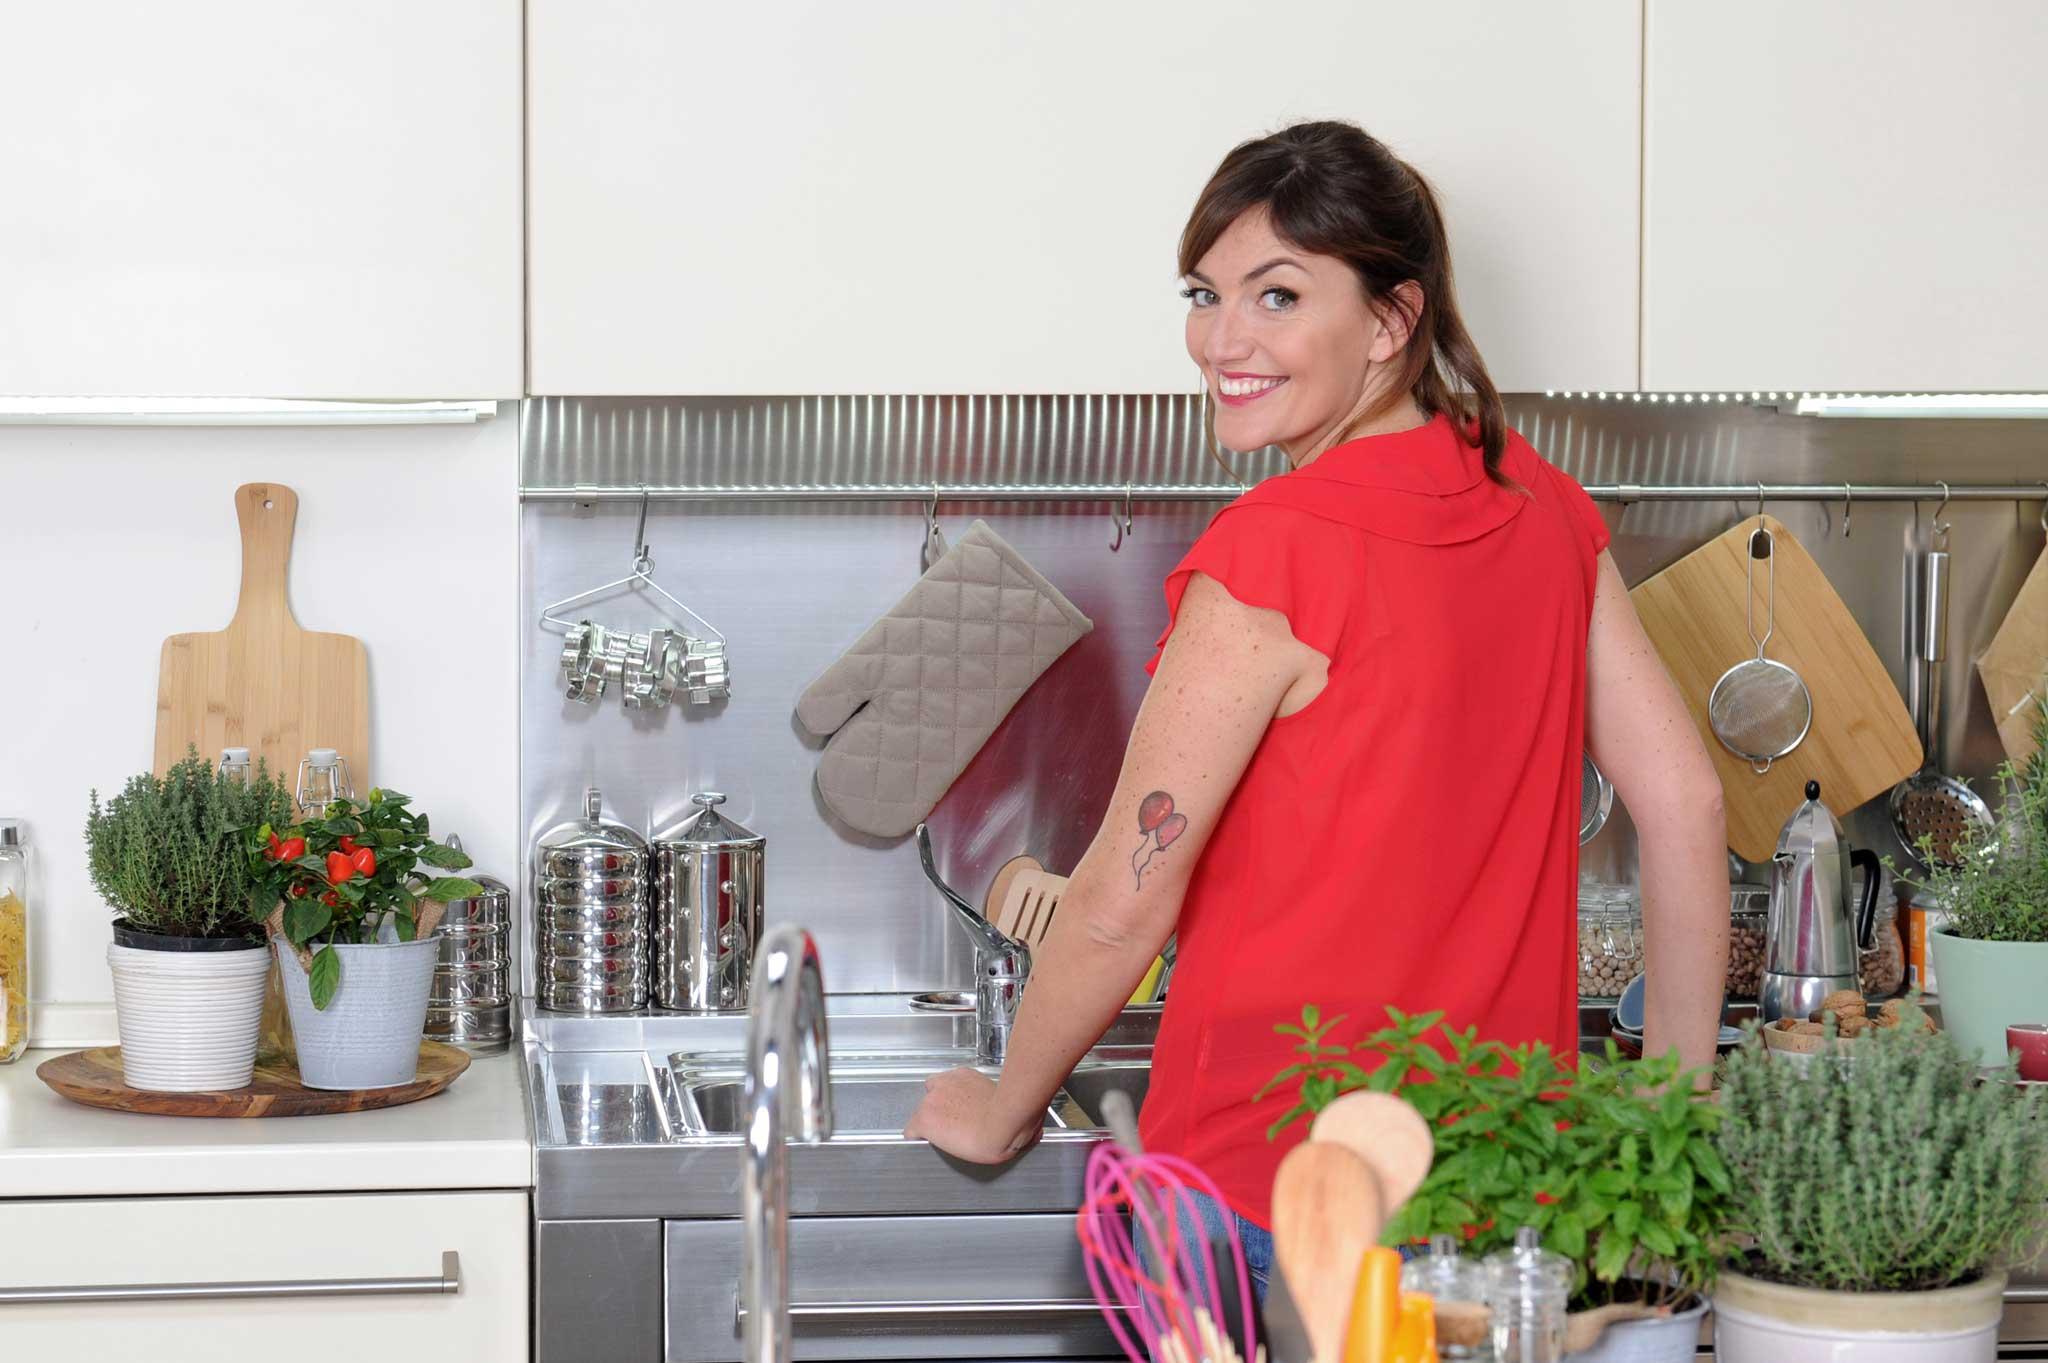 Chiara maci la vita che tutte le food blogger vorrebbero - Chiara blogger cucina ...